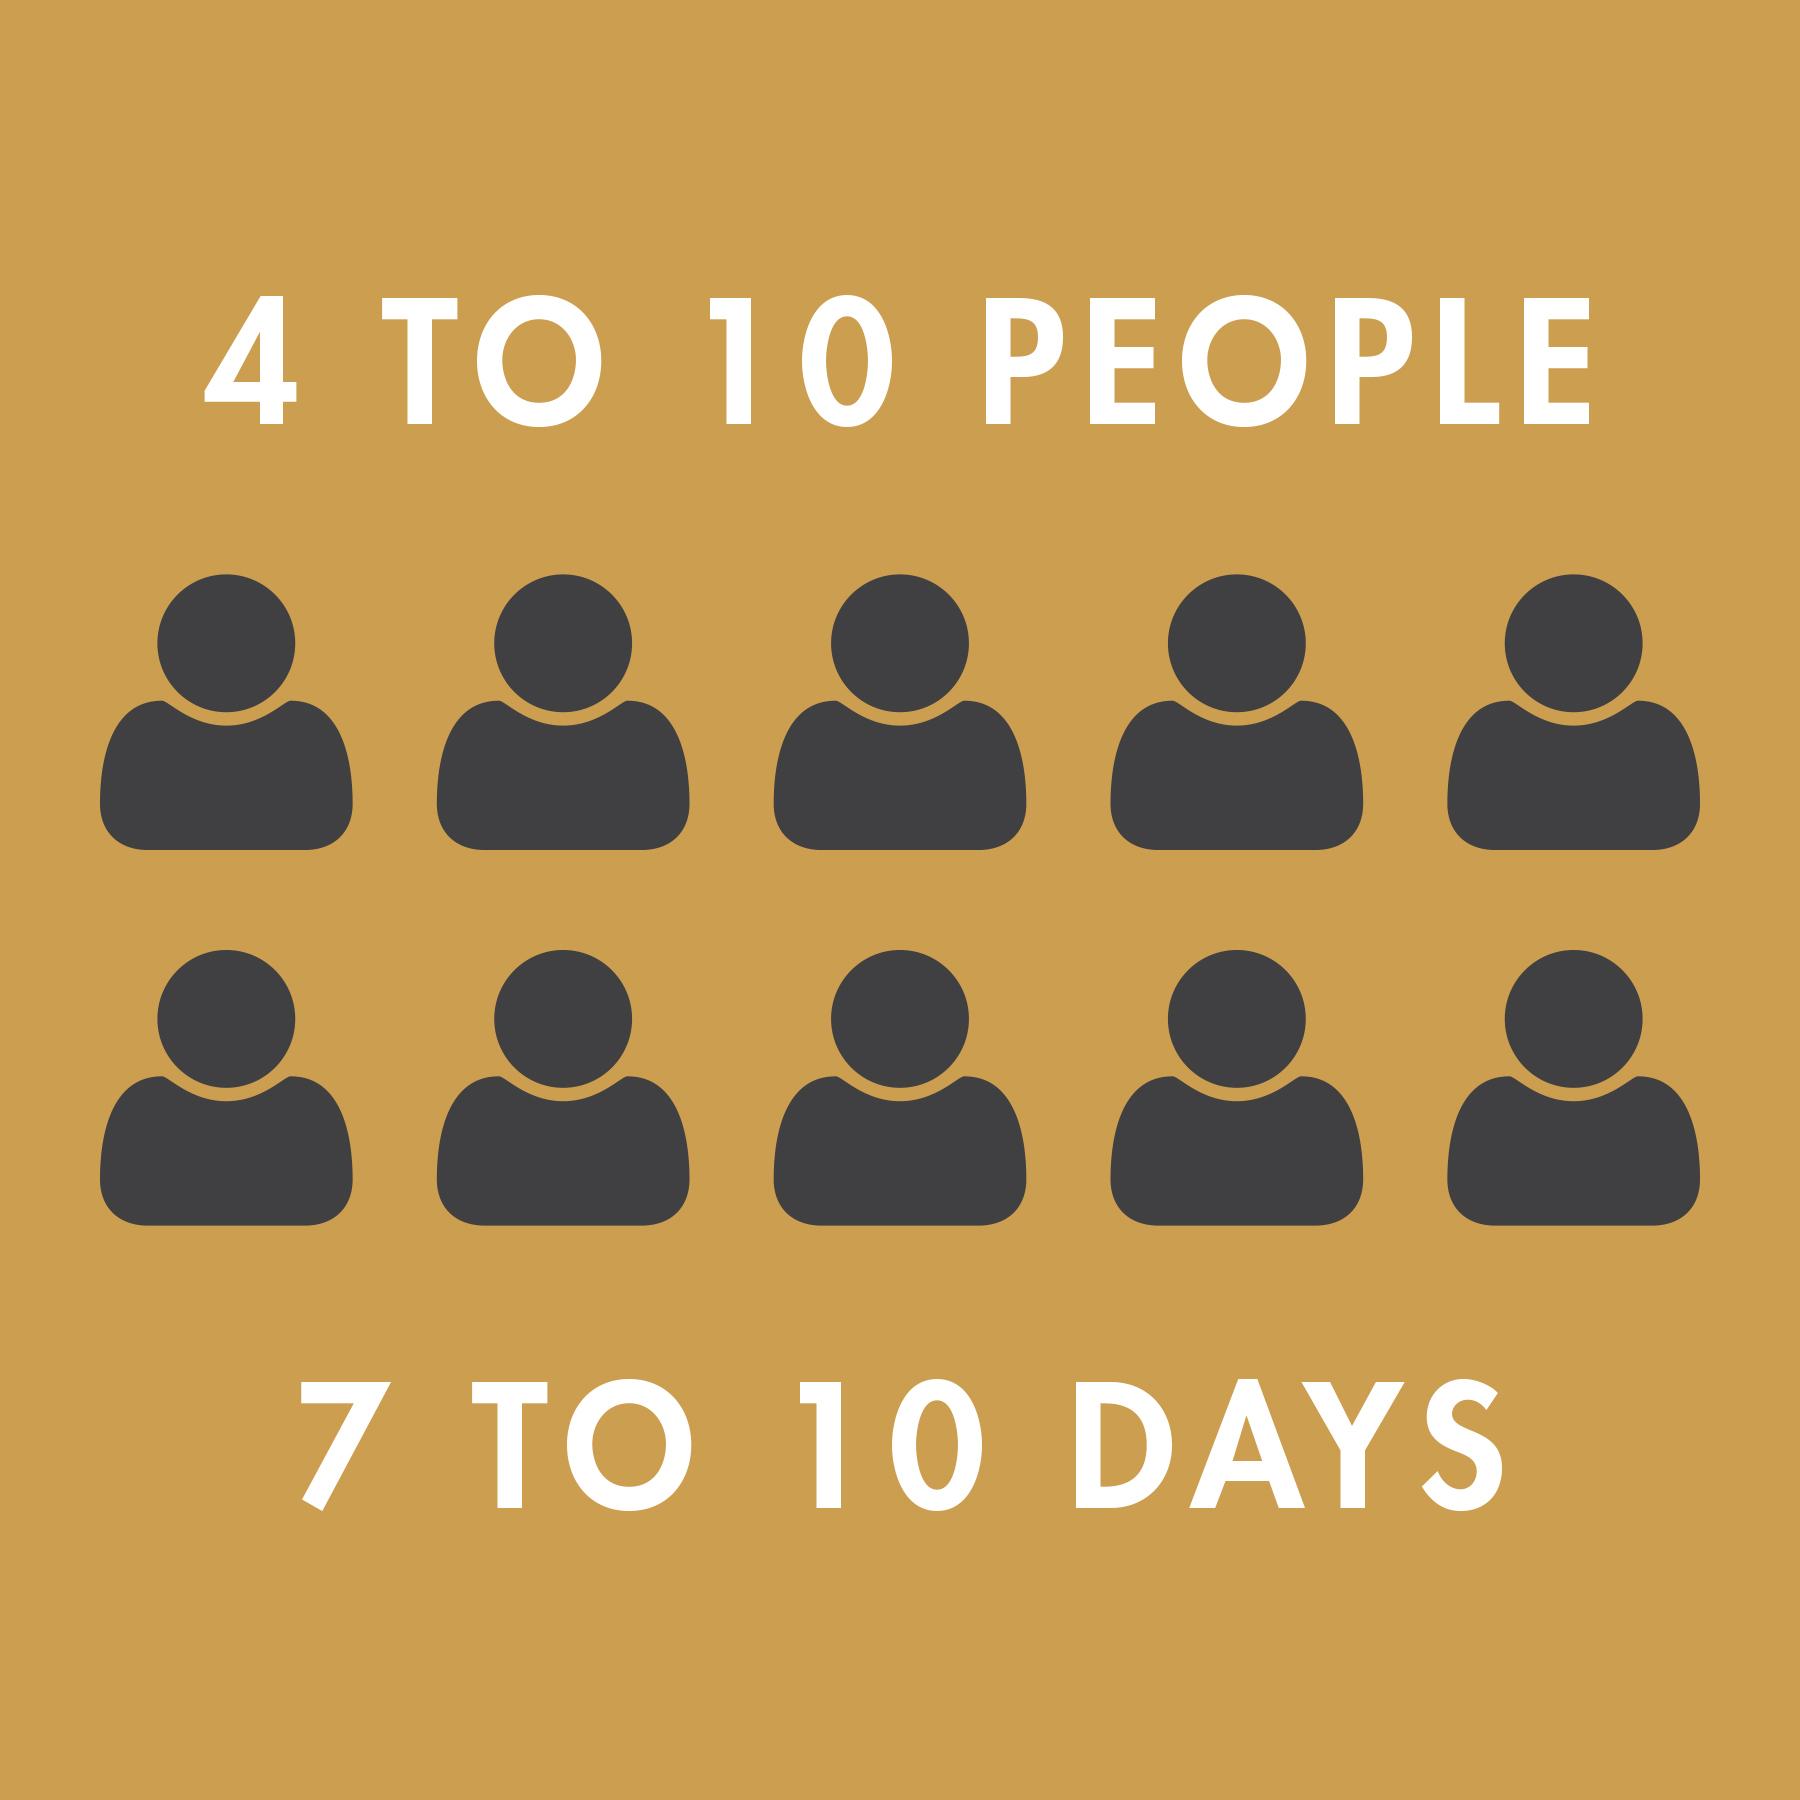 112217_II_Infographic.jpg